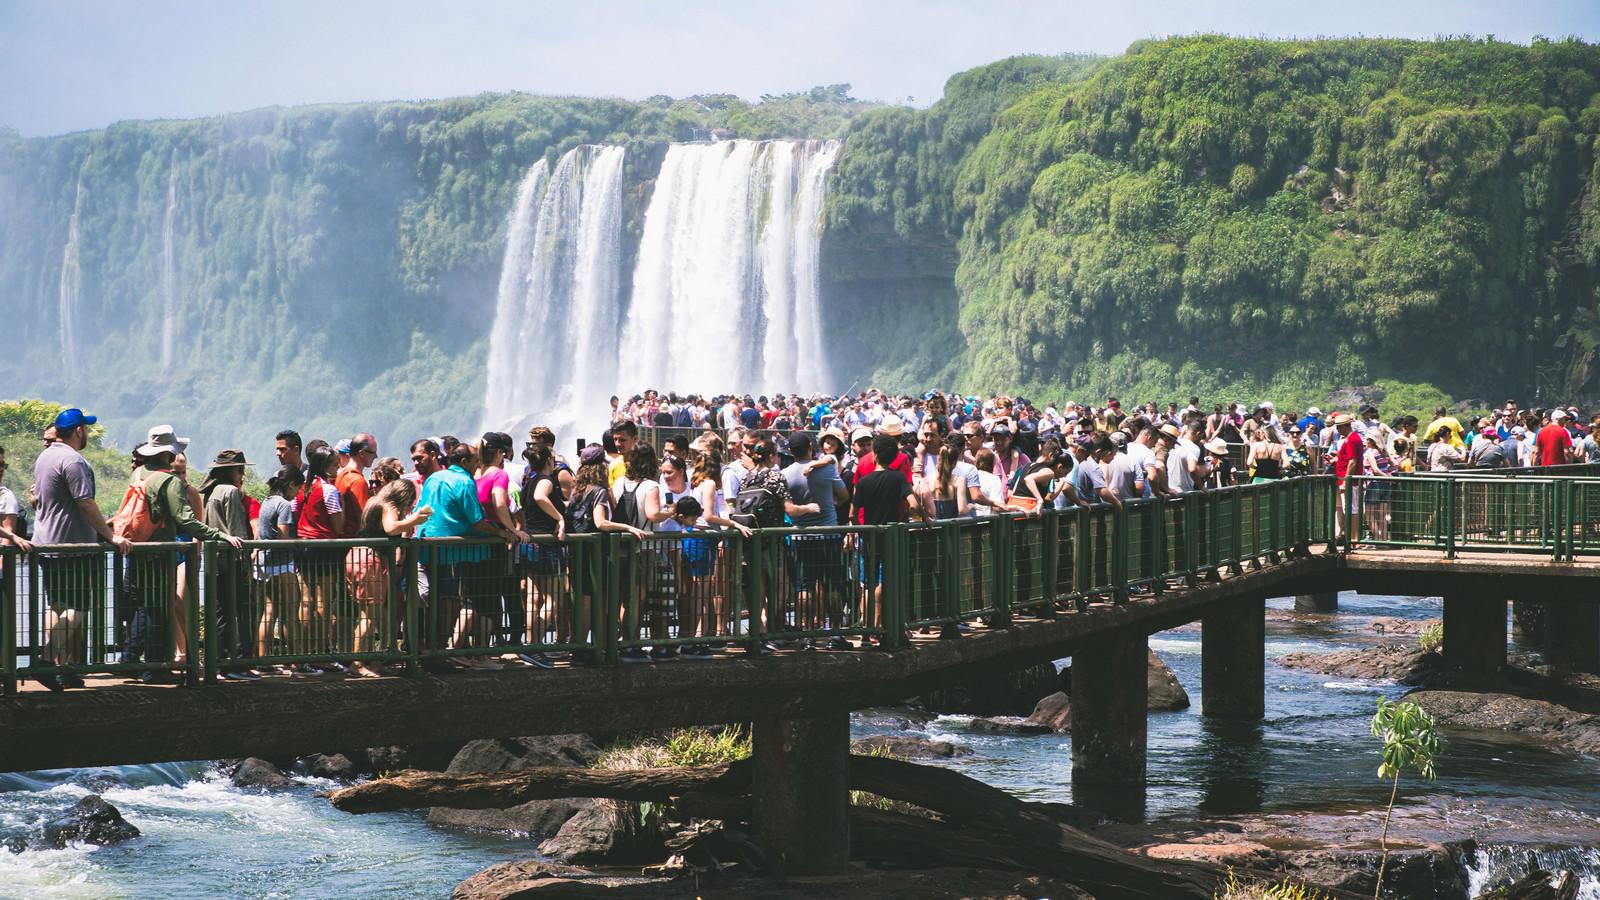 「イグアスの滝を最前線でひと目見る為に行列を作る観光客(南米大陸)」の写真